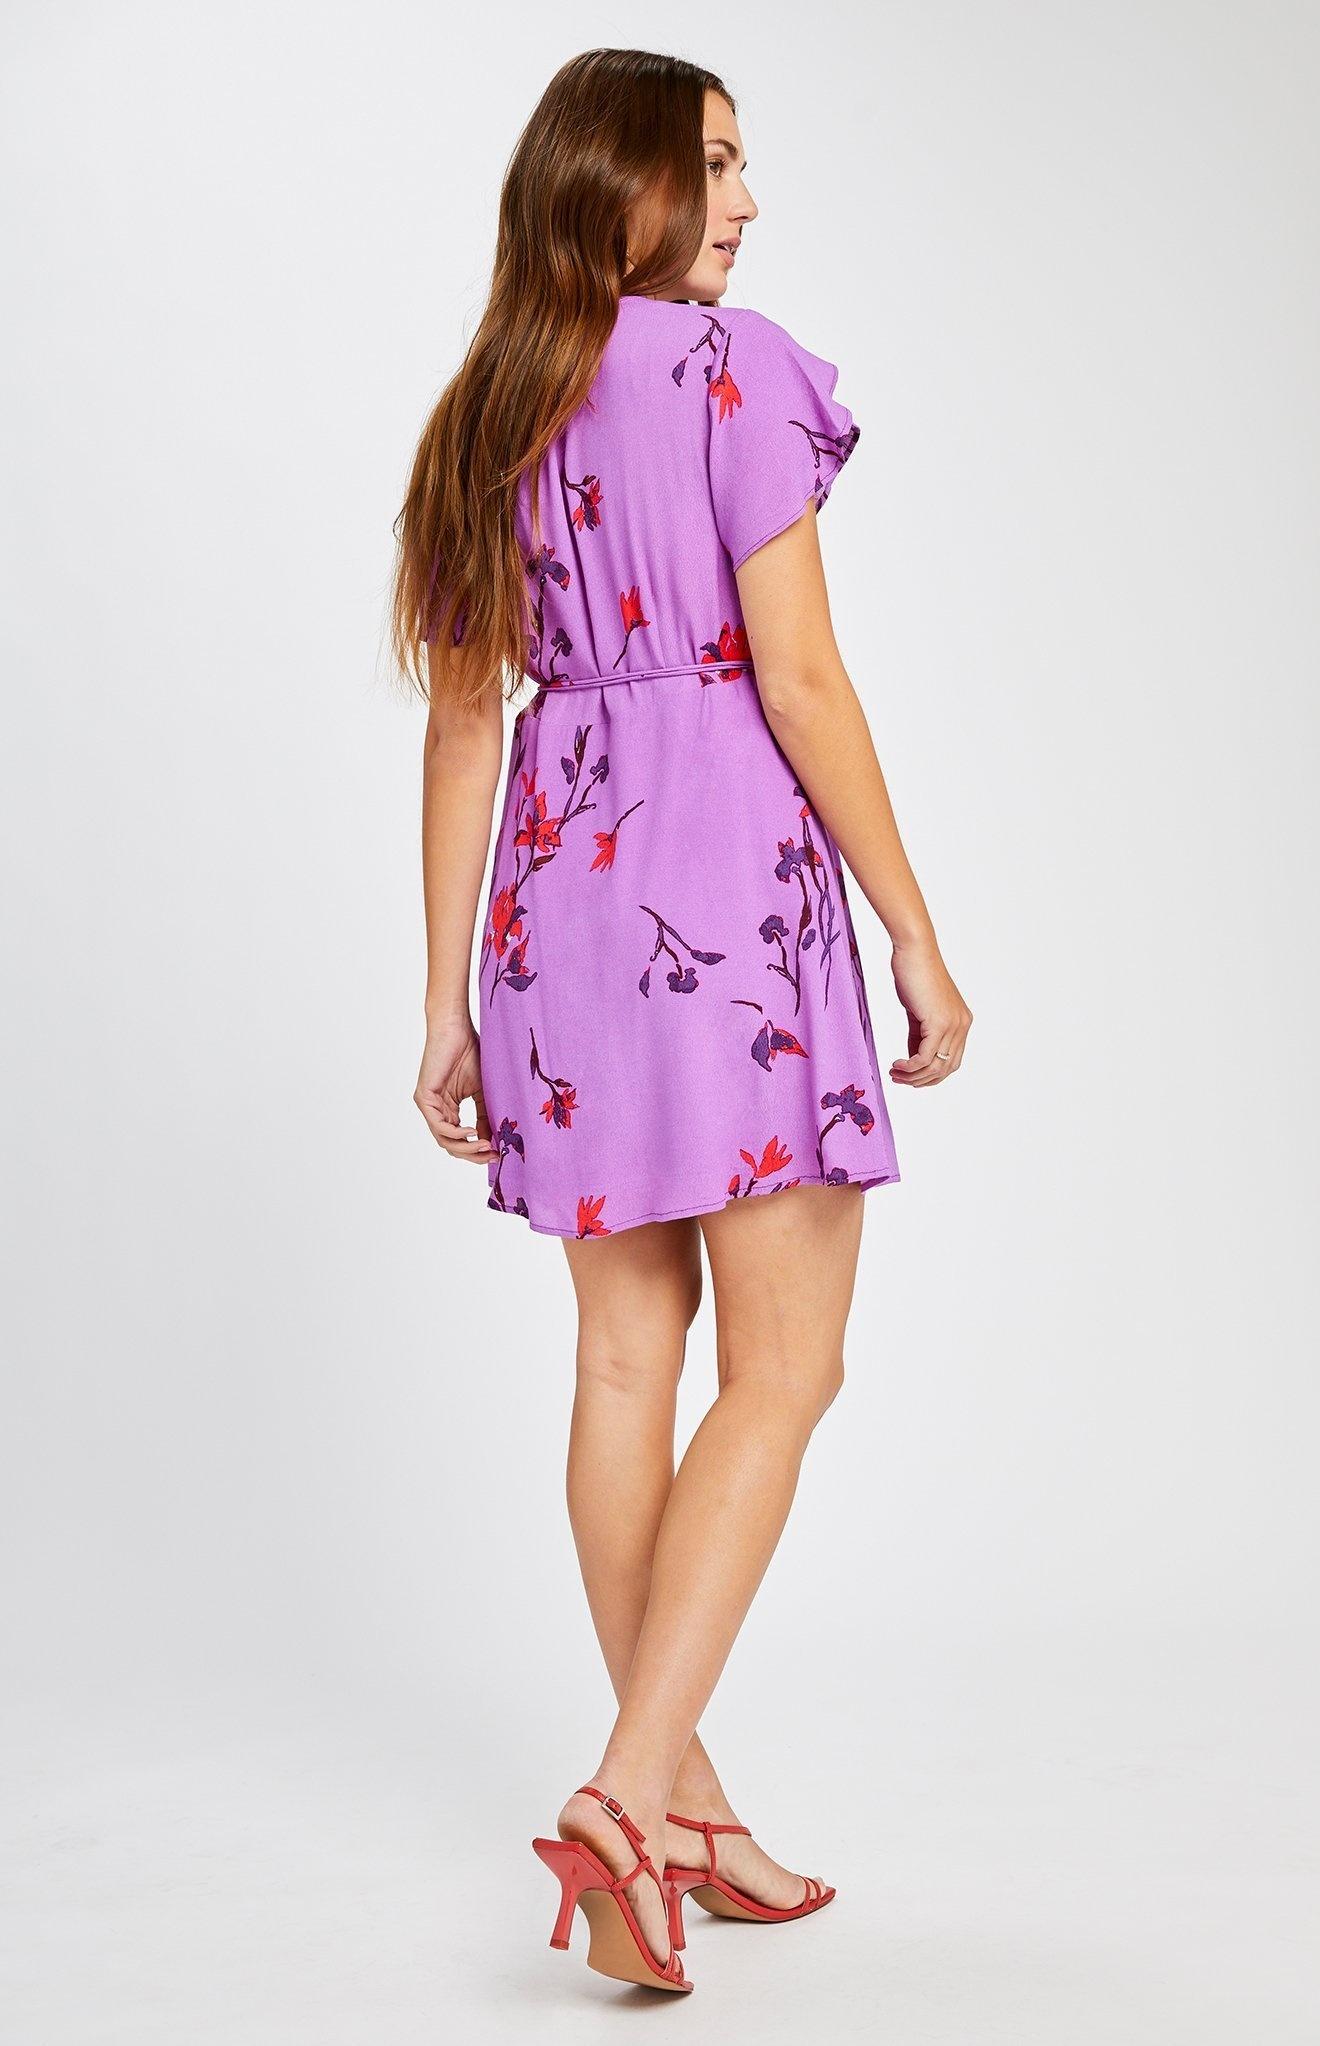 Gentlefawn Augustine Dress